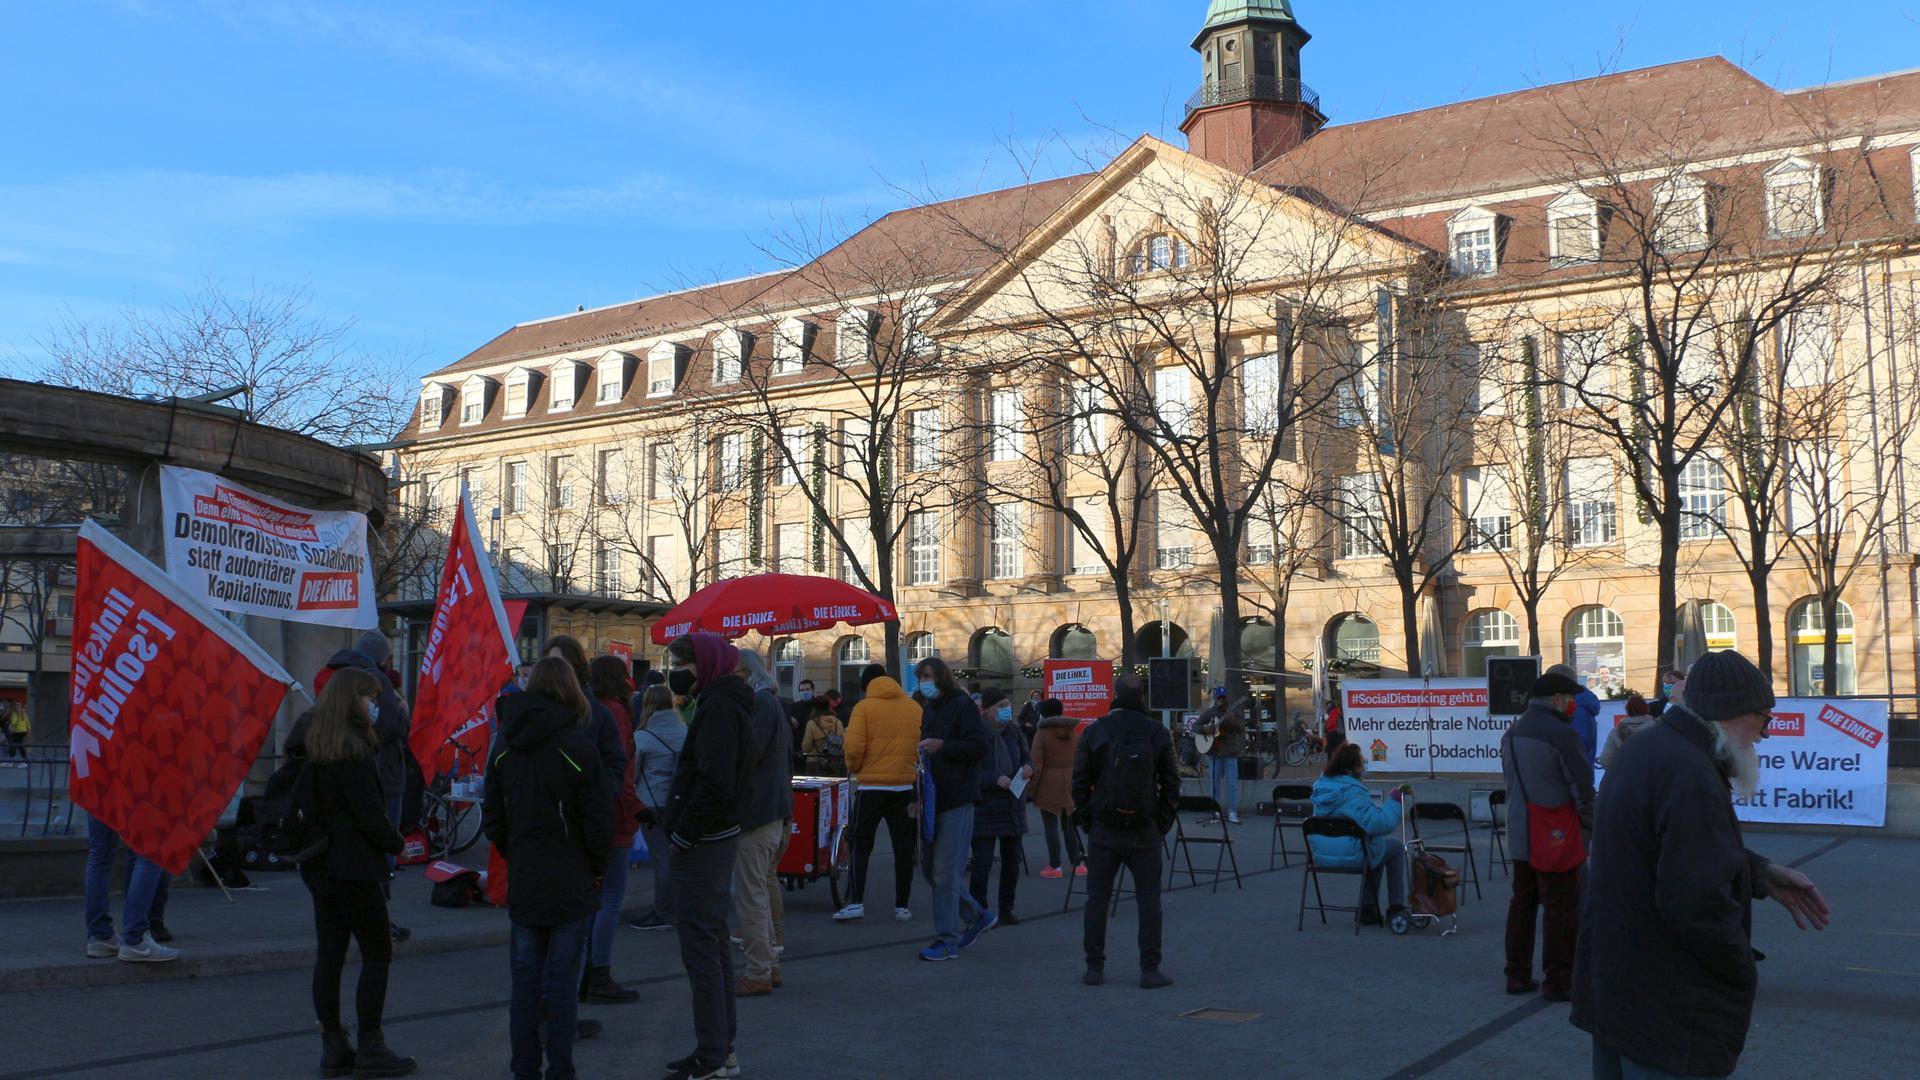 Heiße Suppe für etwa 100 Zuhörer: Die Wahlkampagne der Linkspartei für die Landtagswahl in Baden-Württemberg startete am Samstag mit einer Kundgebung auf dem Stephansplatz in Karlsruhe.